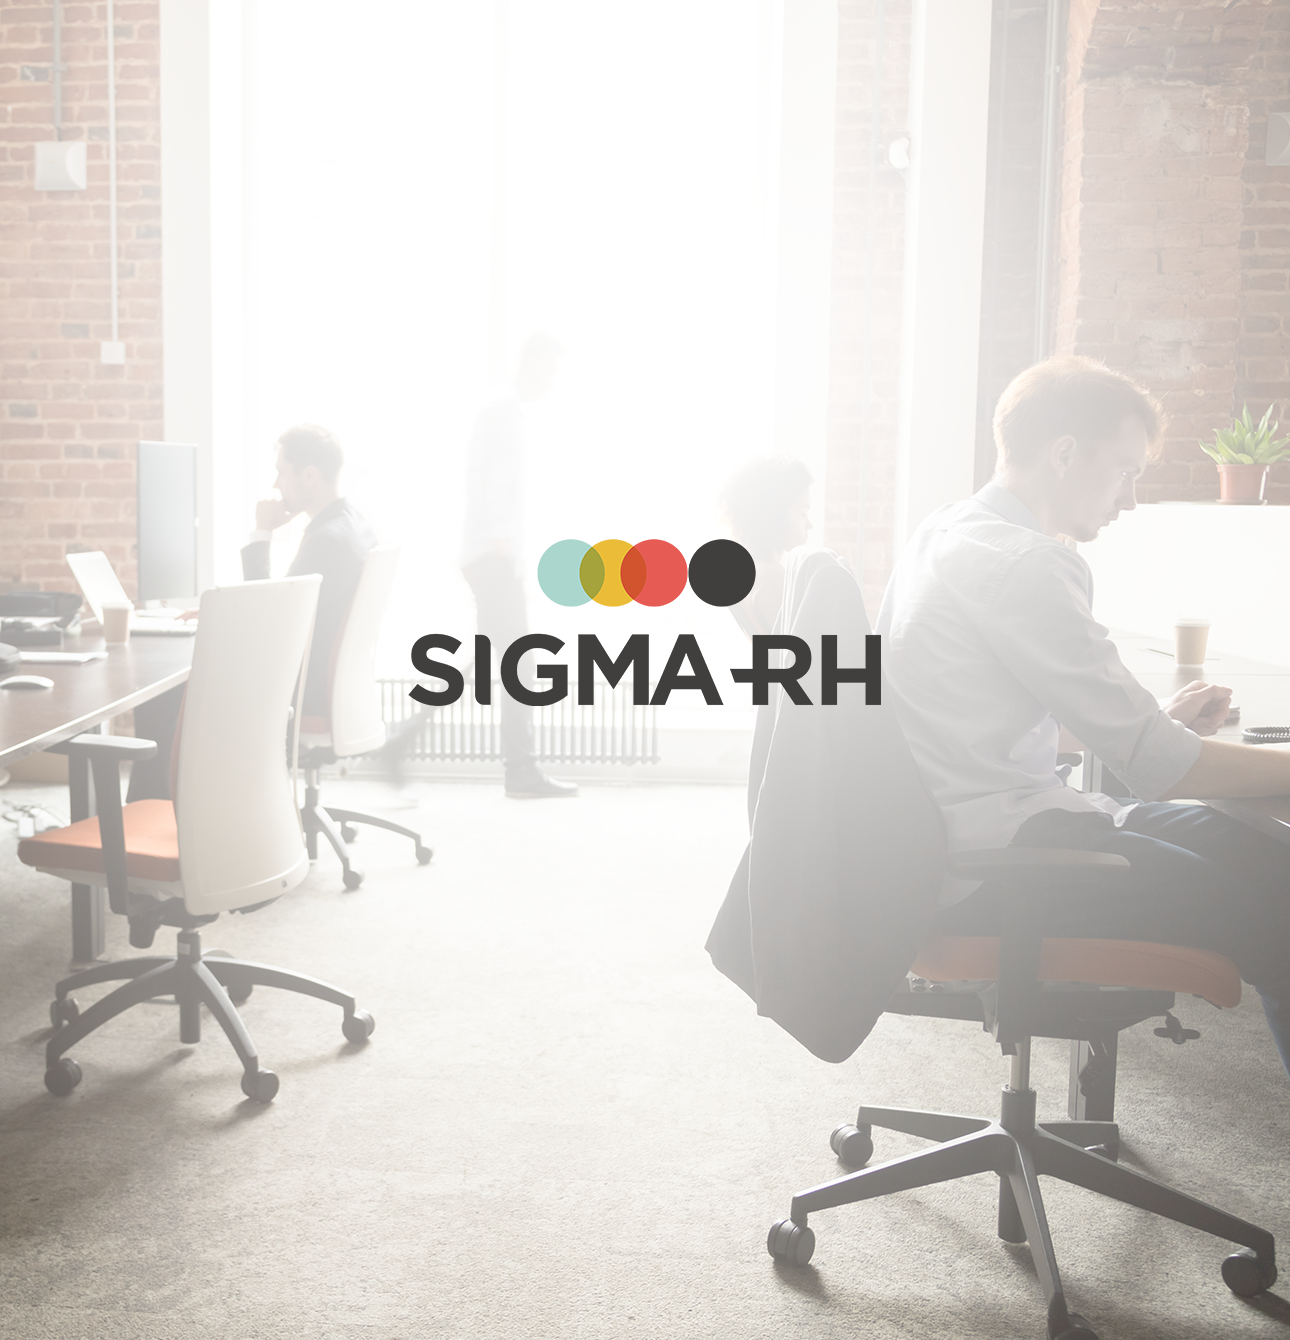 Campagne de génération de leads SIGMA-RH